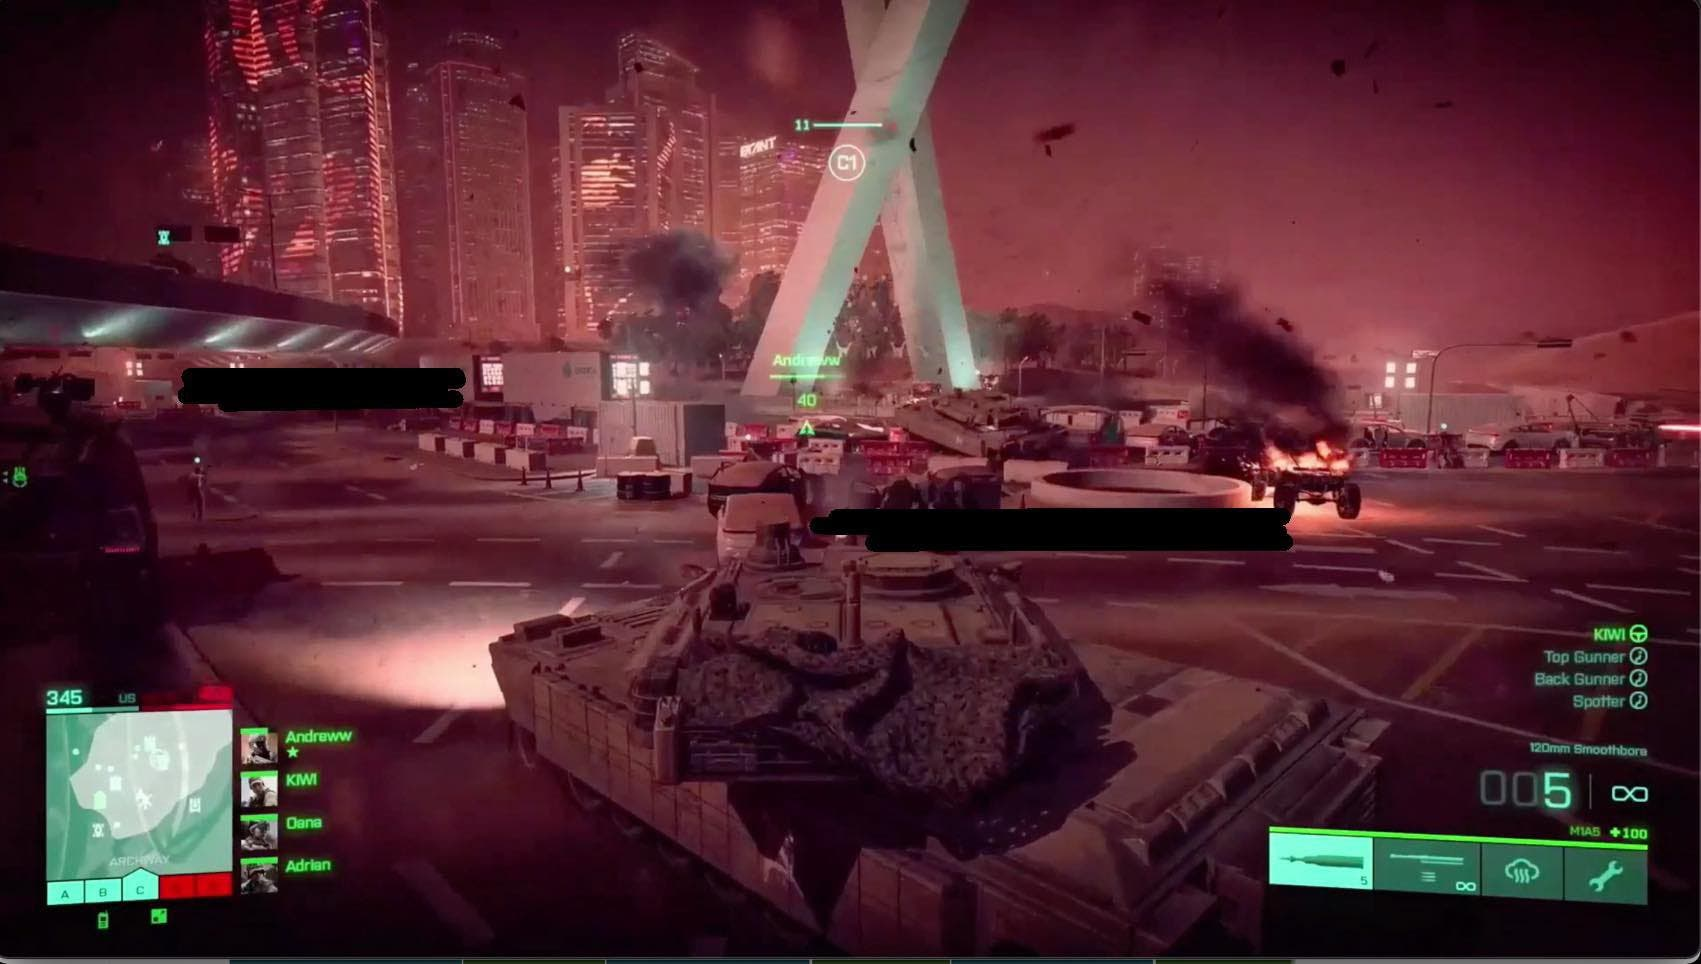 imágenes de Battlefield 6 en su versión pre-alpha